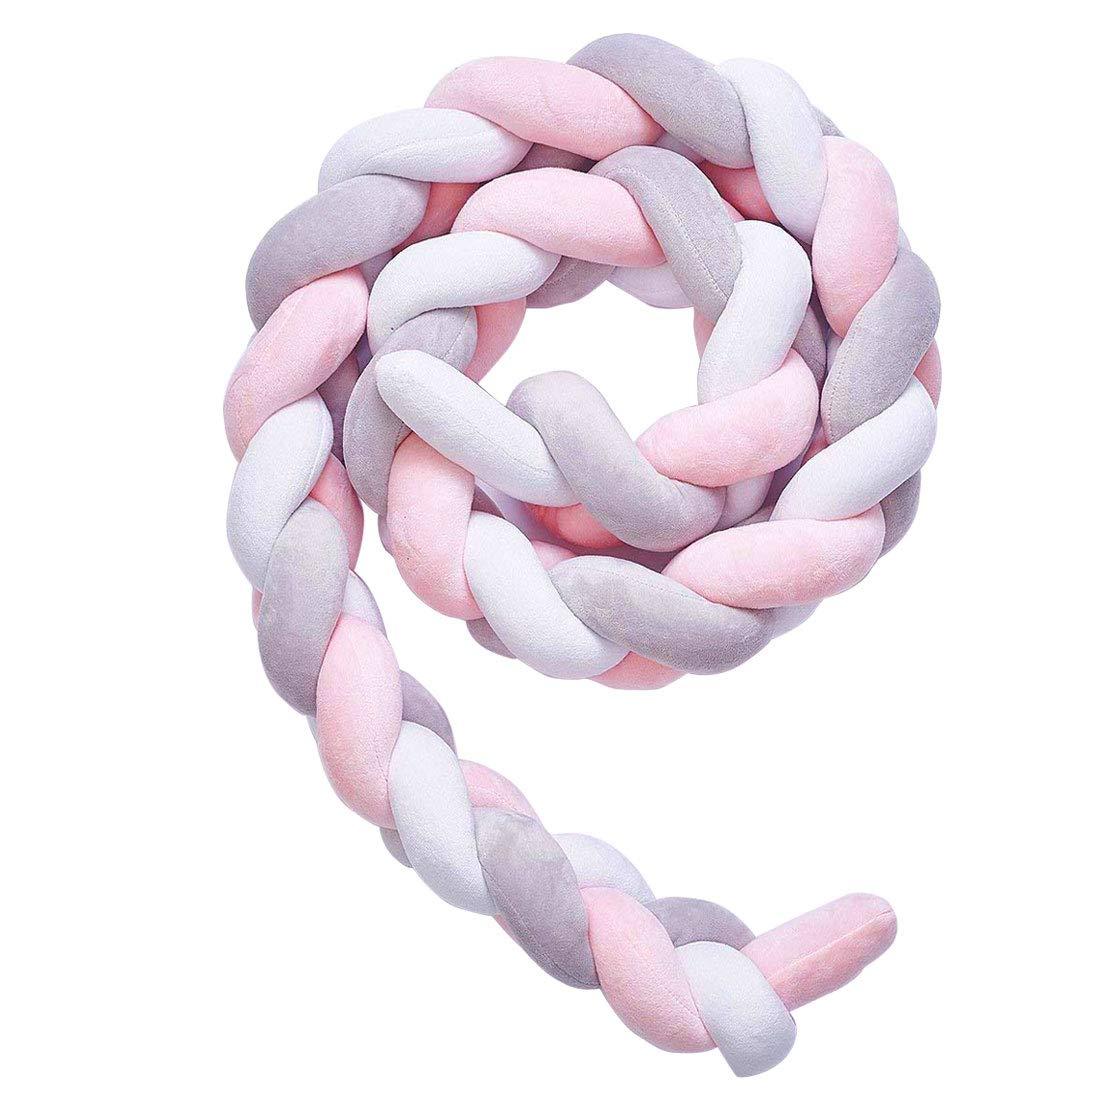 Levoberg Tour de Lit B/éb/é Coussin Serpent en Velours Tour de Lit Tress/é Pare-choc Protection pour Enfant 150cm #1